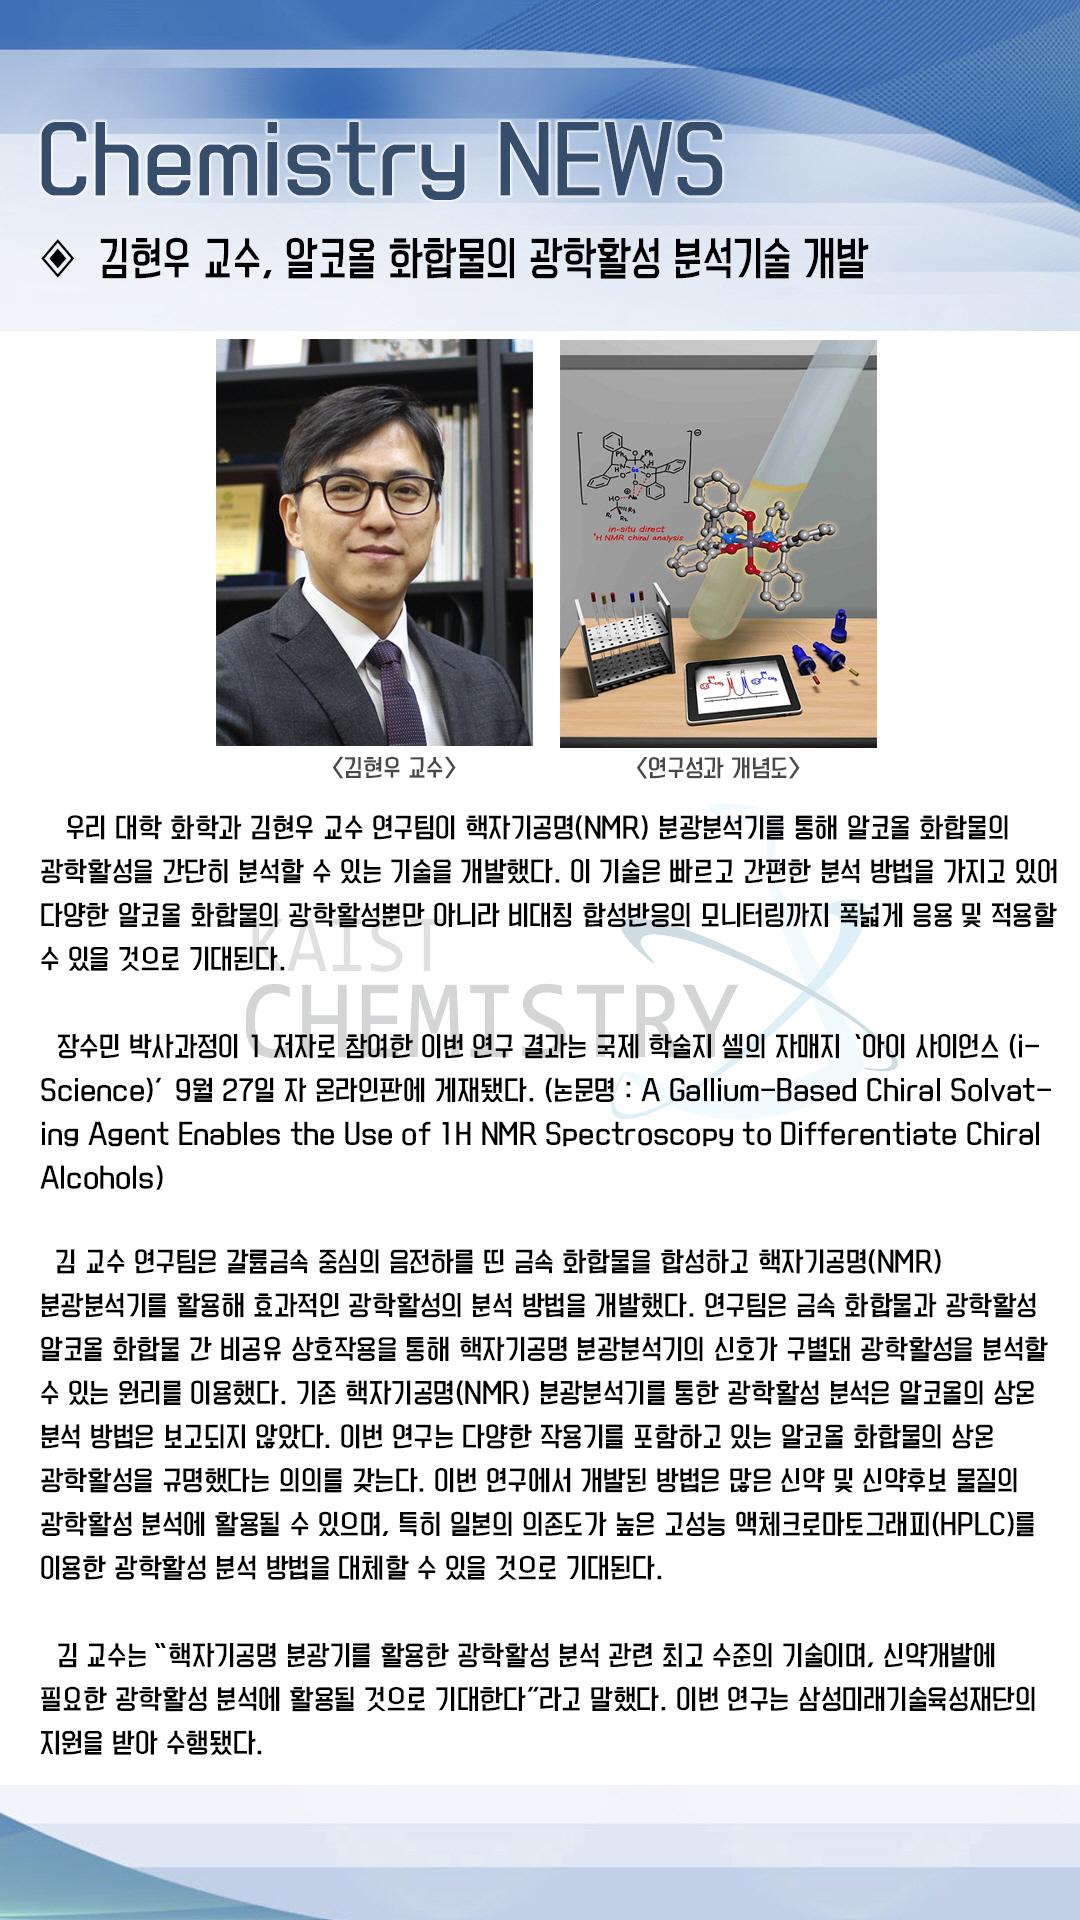 회전_NEWS_김현우교수(2019).jpg